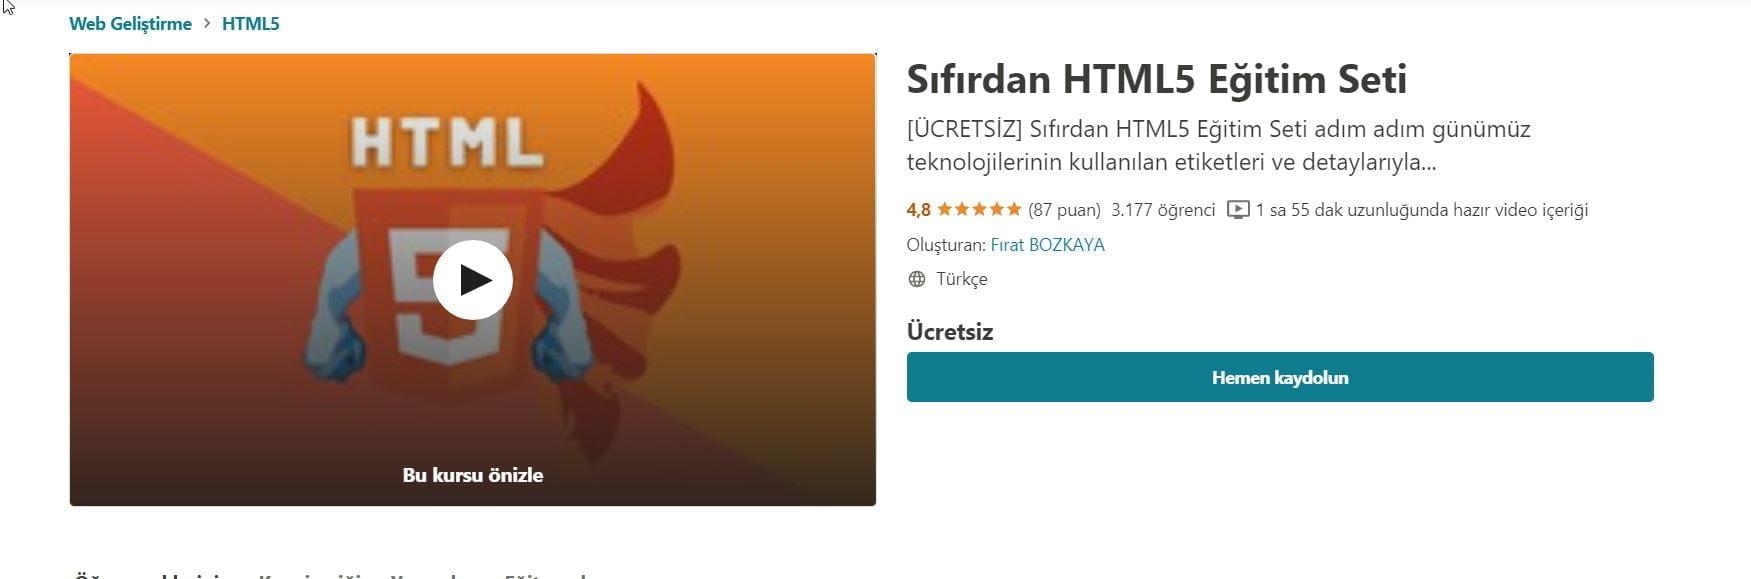 Sıfırdan HTML5 Eğitim Seti ücretsiz Udemy kuponu ocak 2021 https://huglero.com